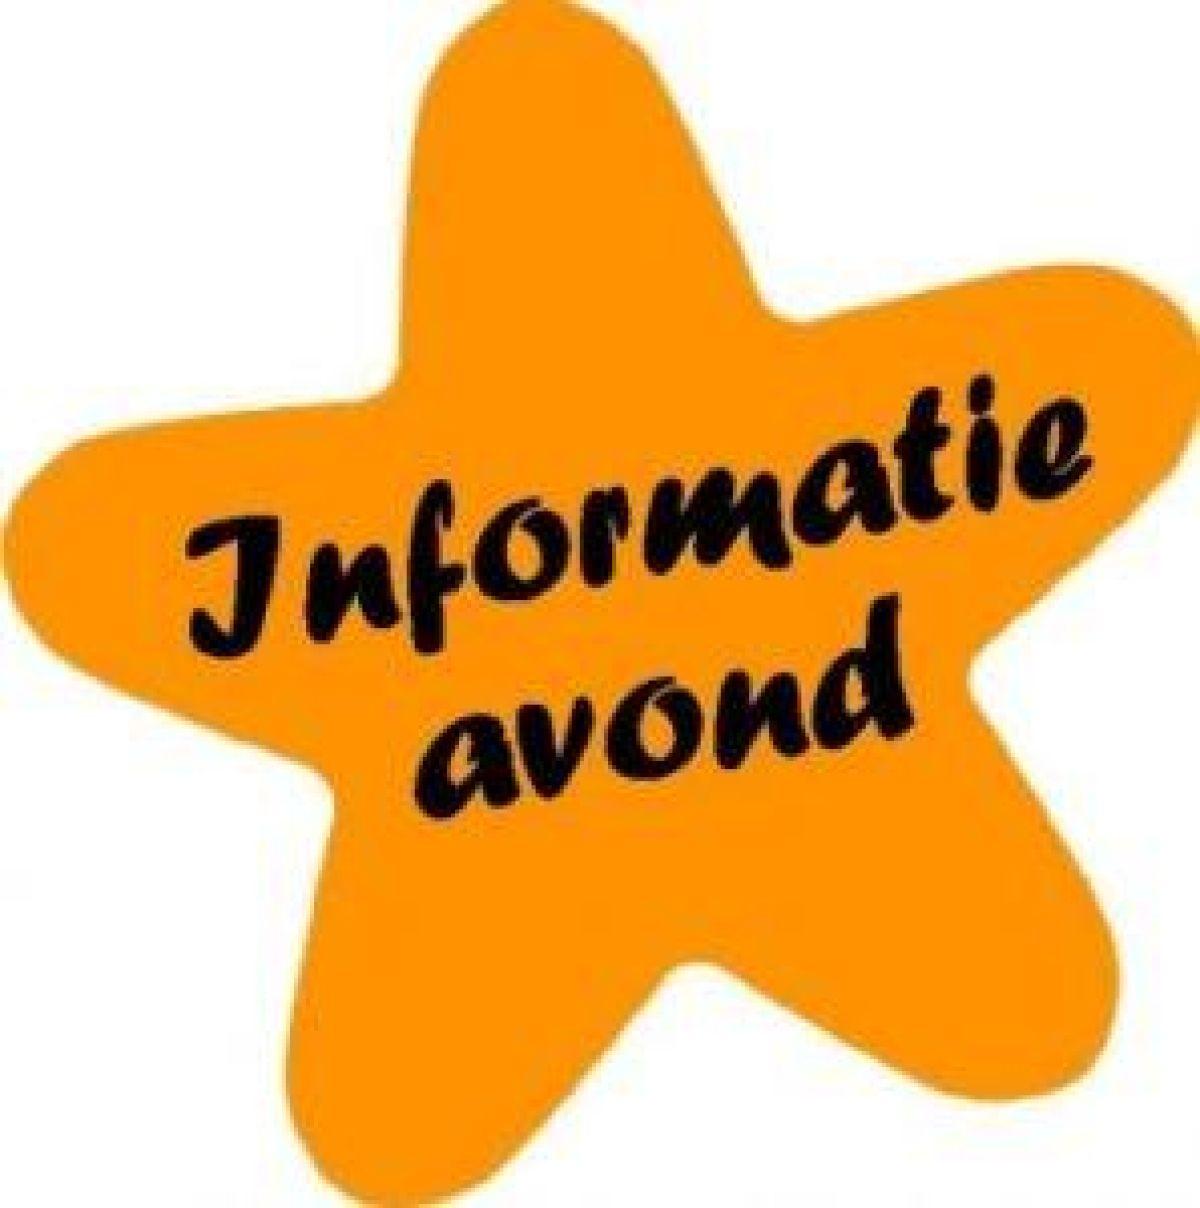 Informatie avond Academie Tien